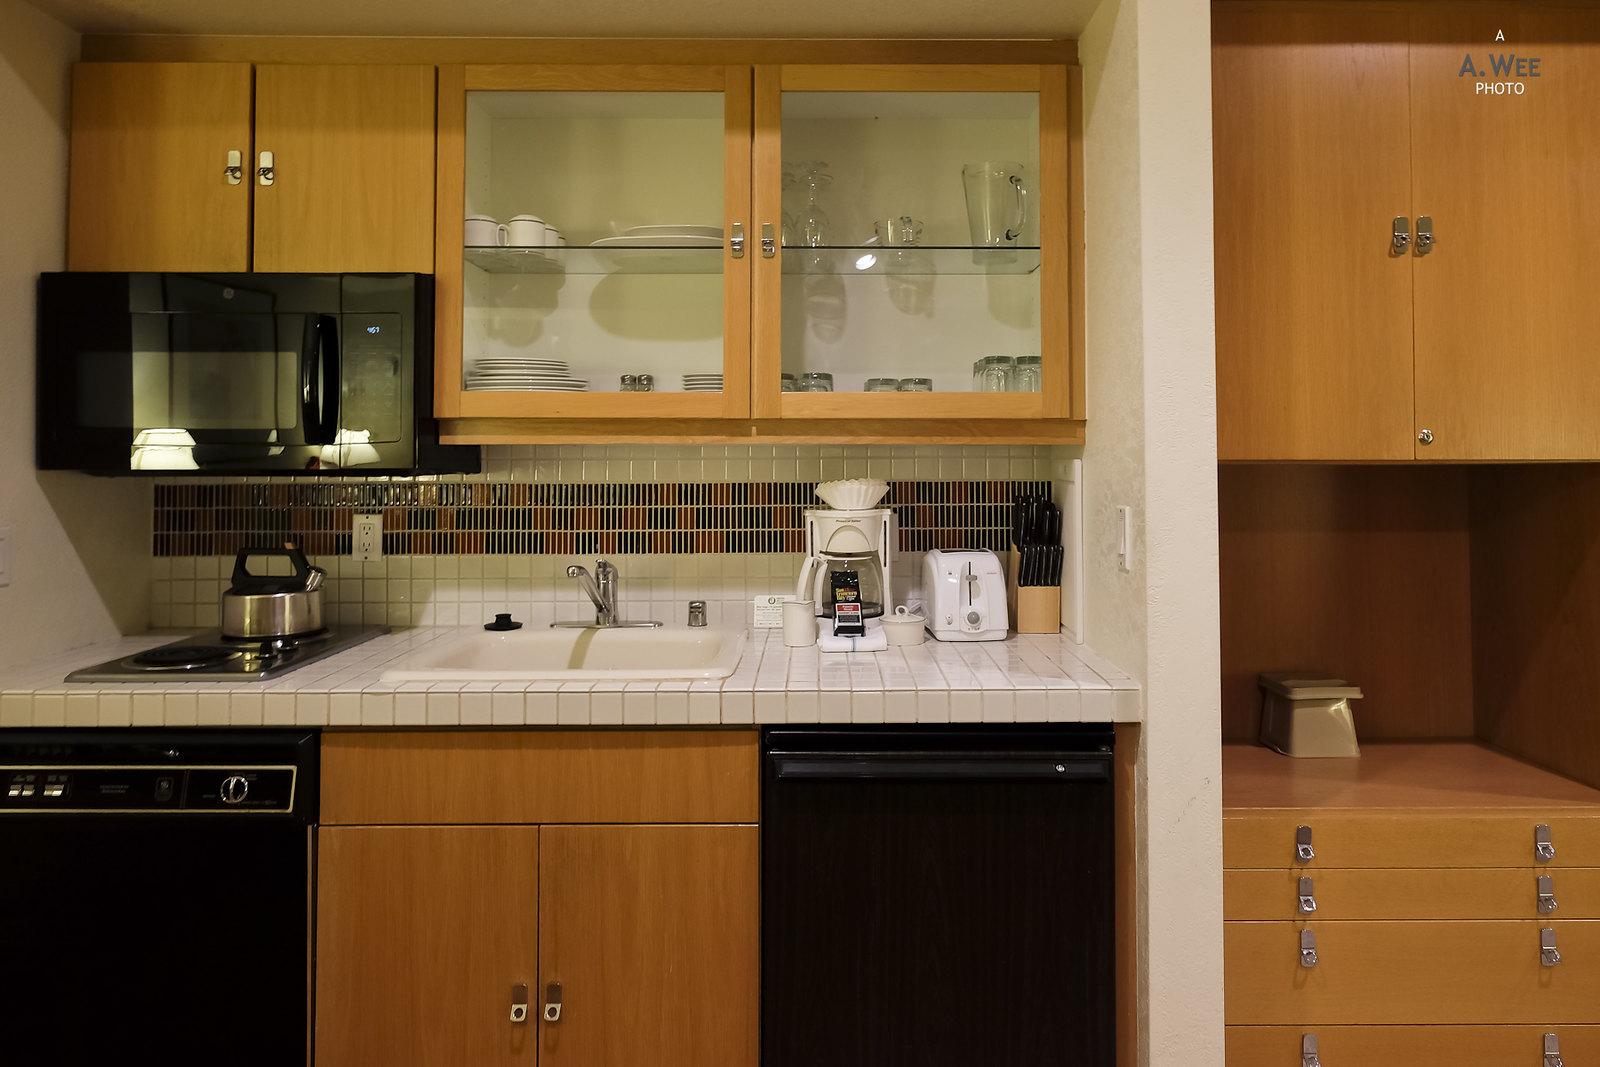 Kitchenette setup